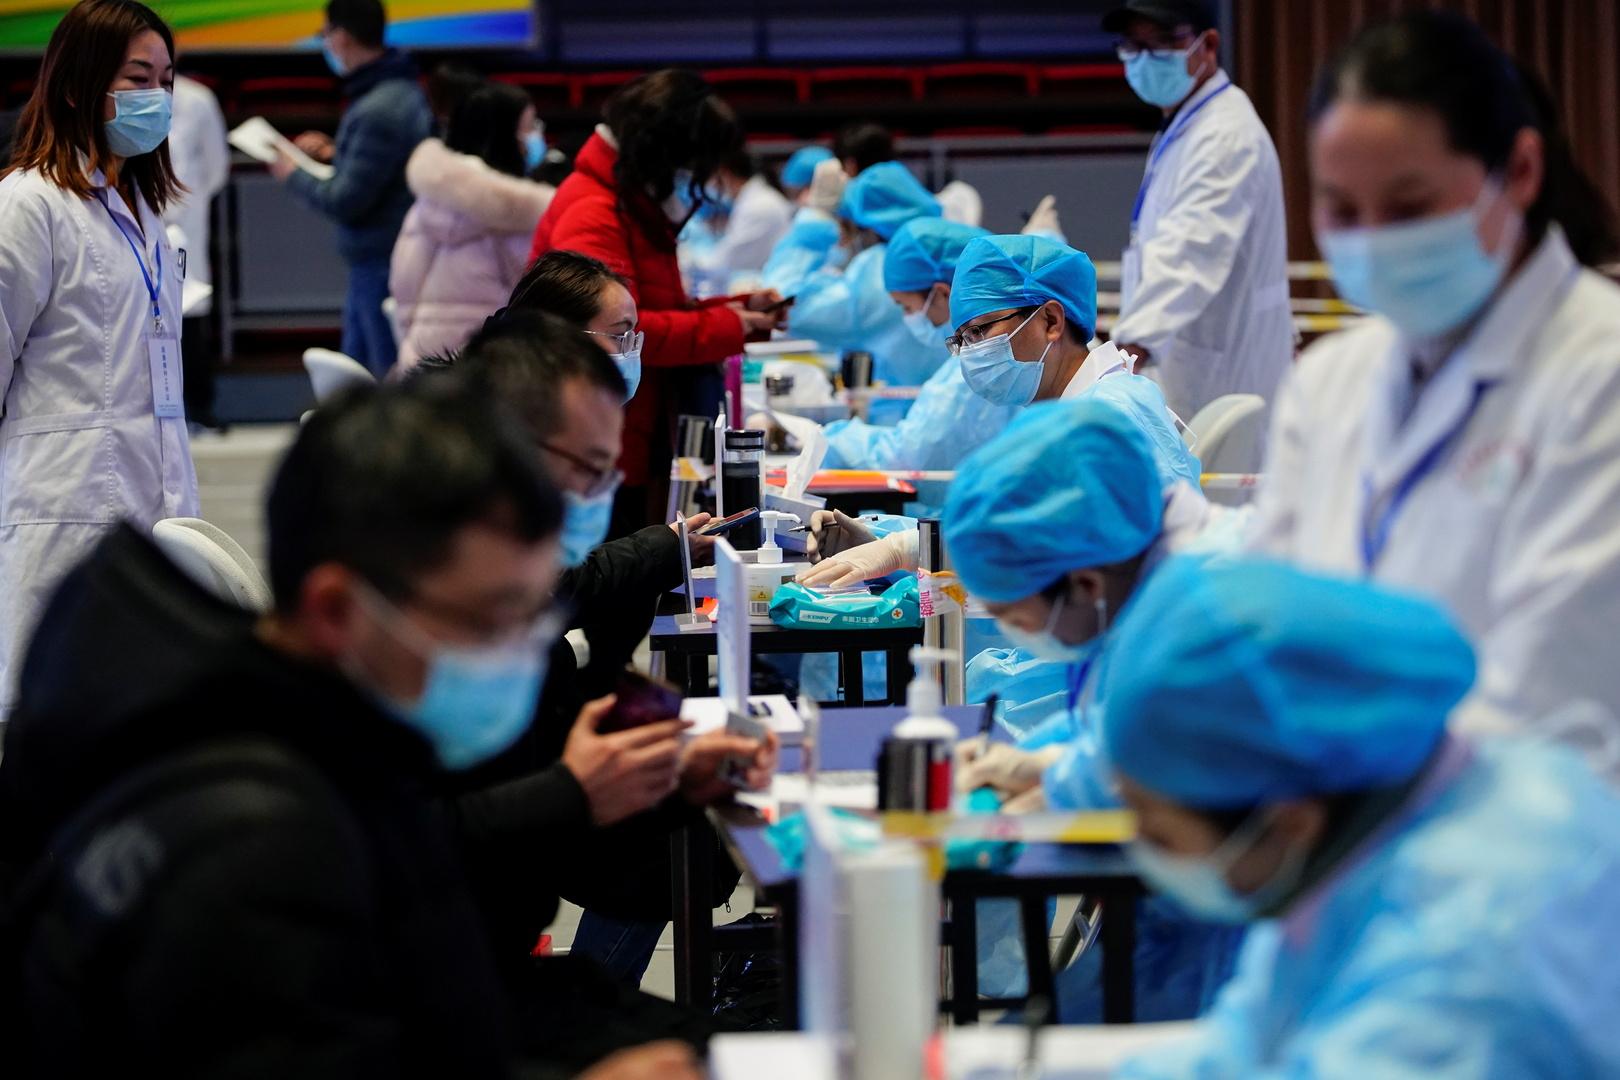 مسؤول صحي صيني: أعطينا أكثر من 15 مليون جرعة من  لقاح كورونا